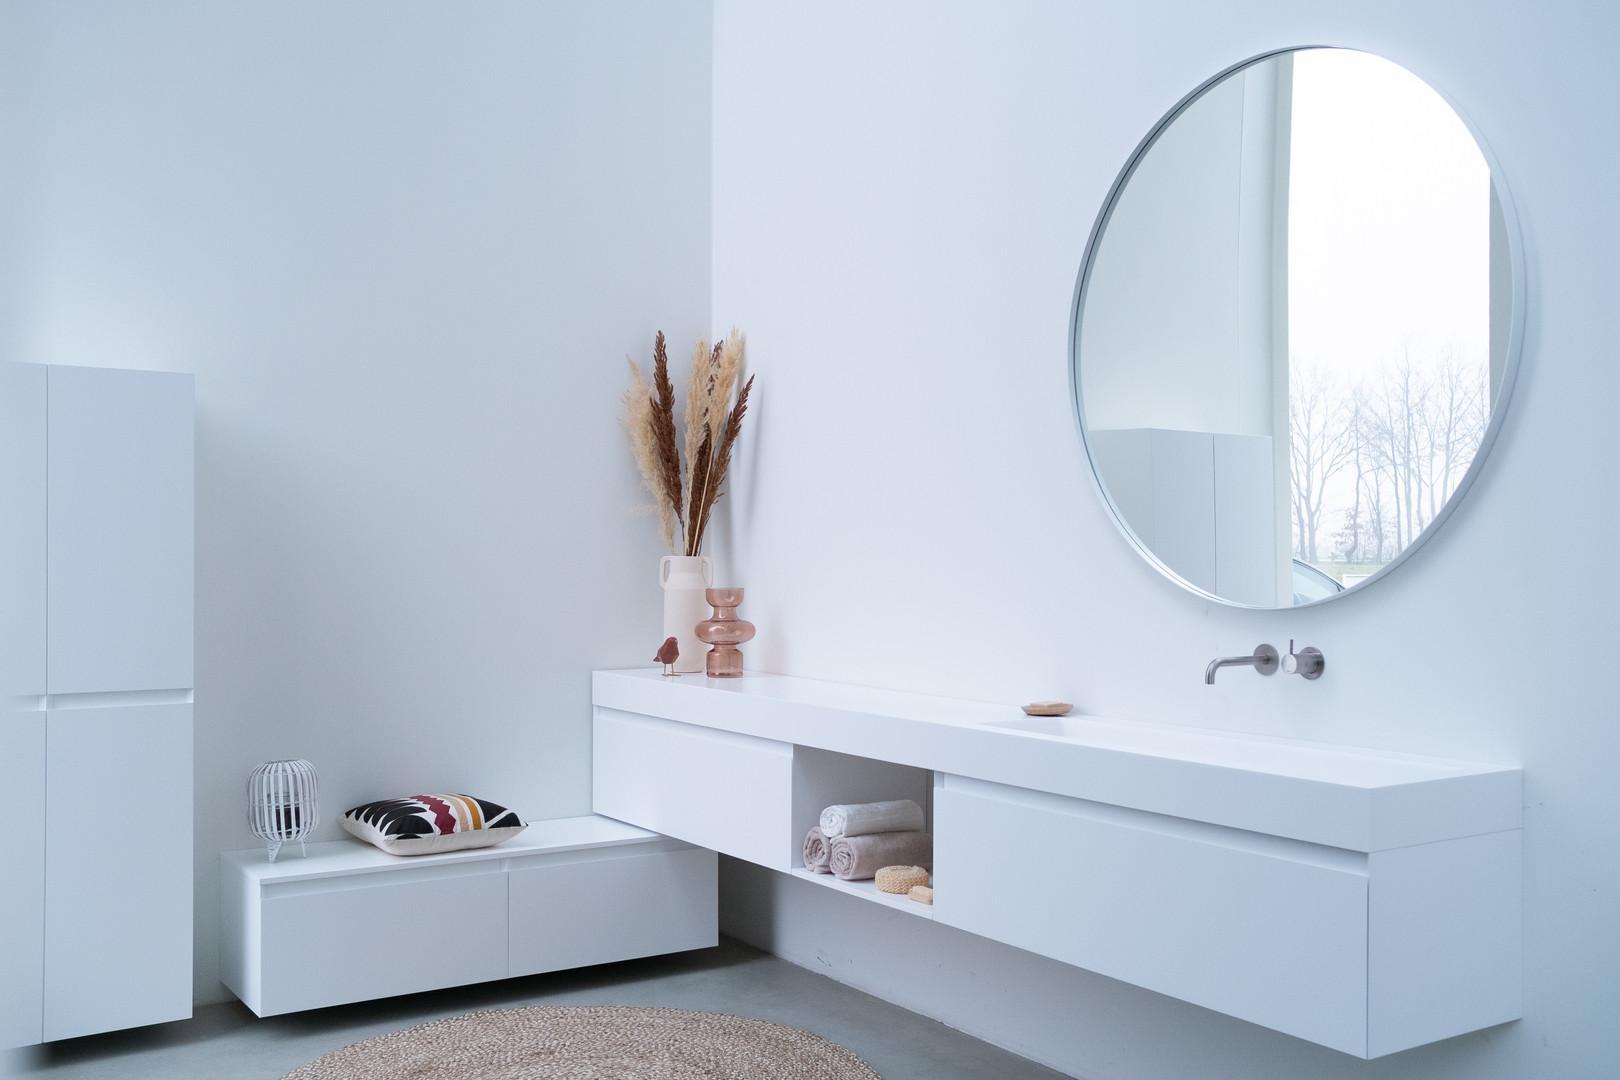 showroom-13.jpg